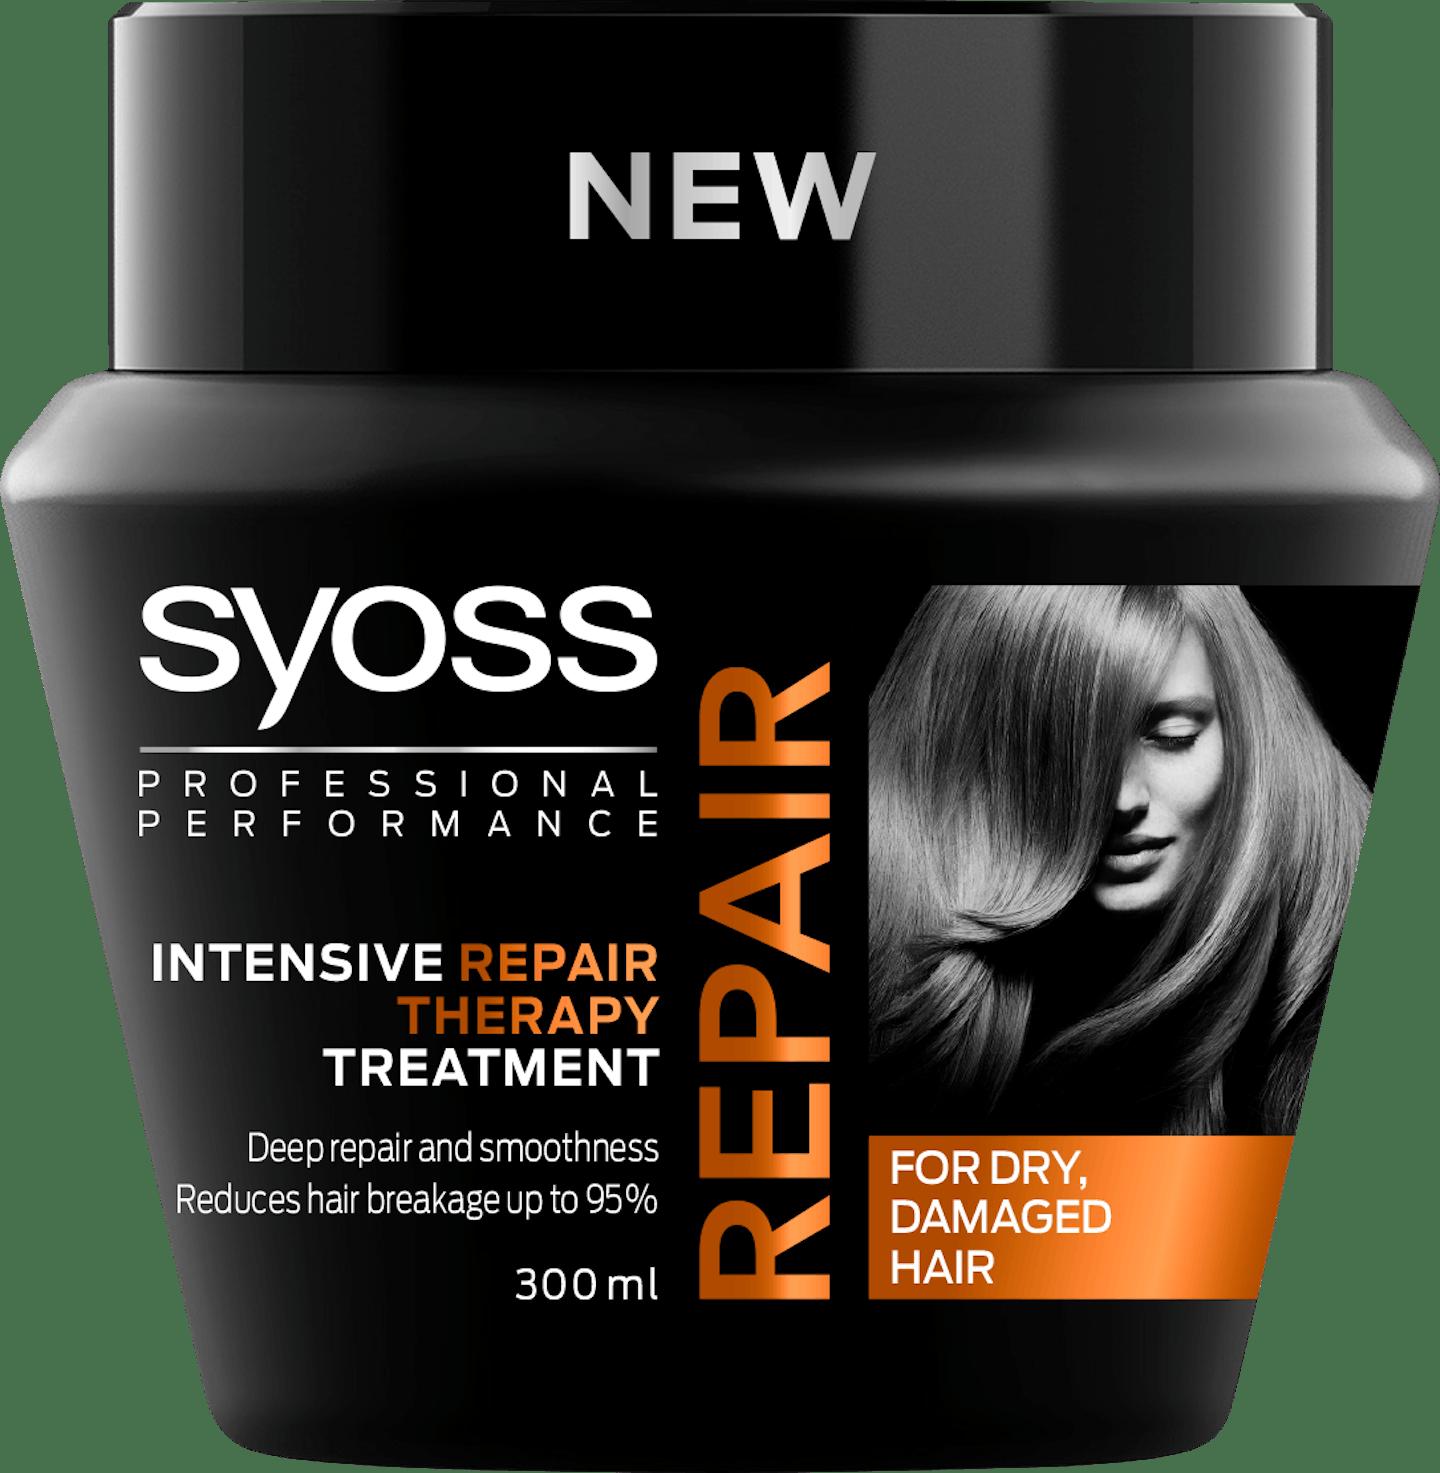 Syoss Repair Intensive Repair Therapy Treatment